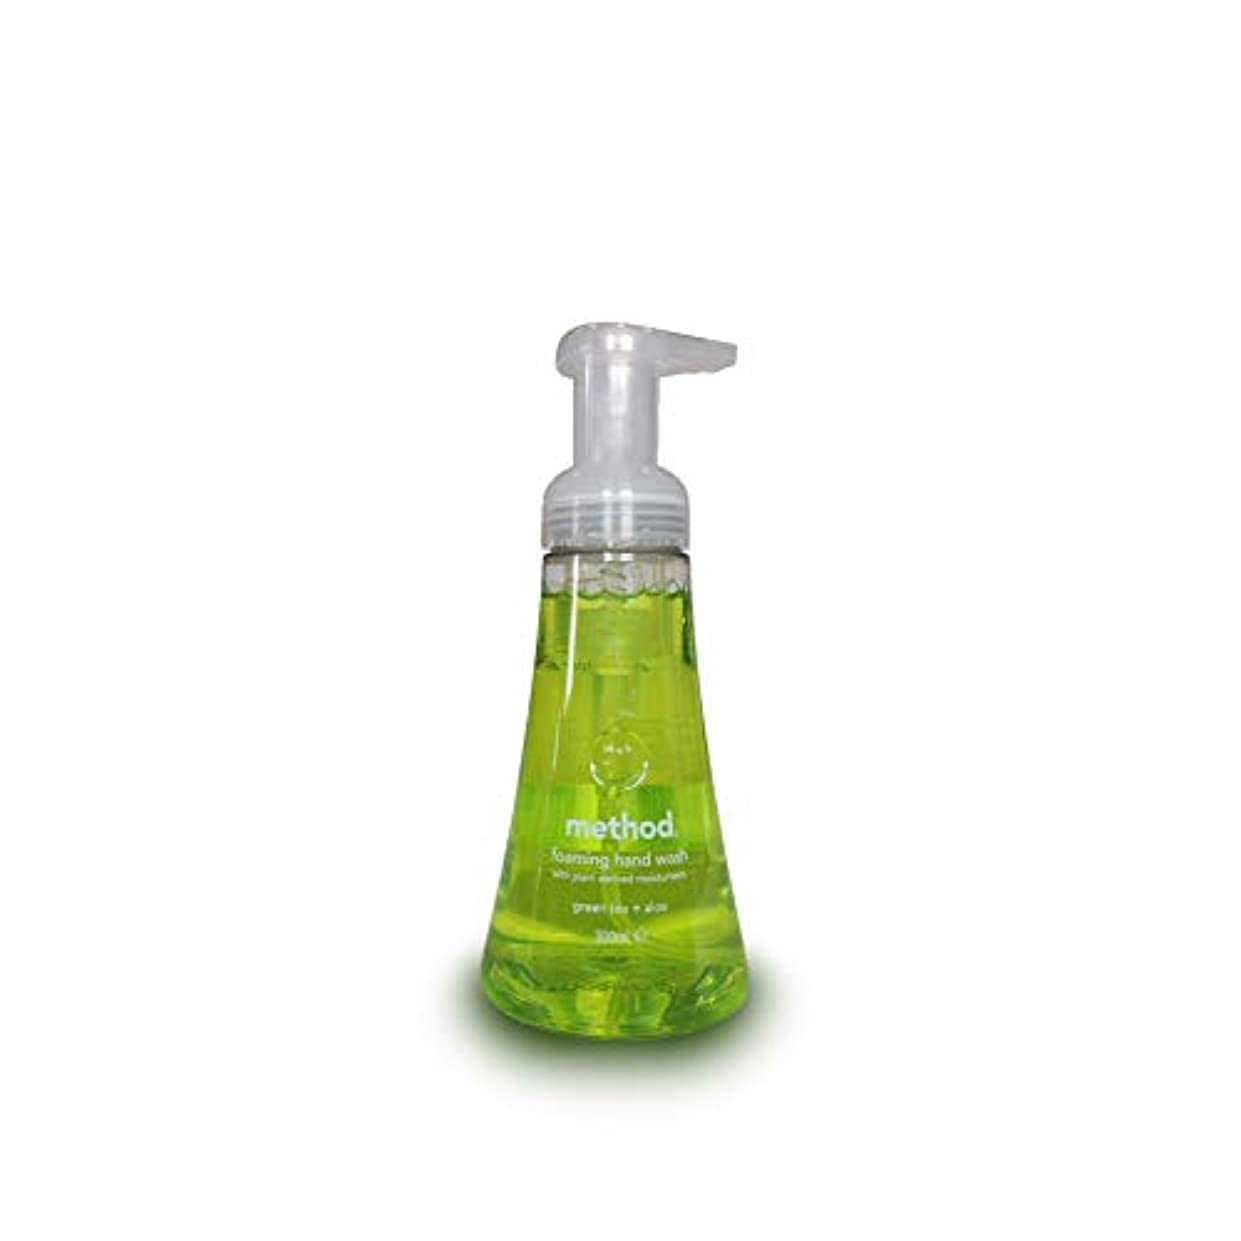 ハンサム製造動力学Method Foam Hand Wash Green Tea Aloe 300 ml (Pack of 3)